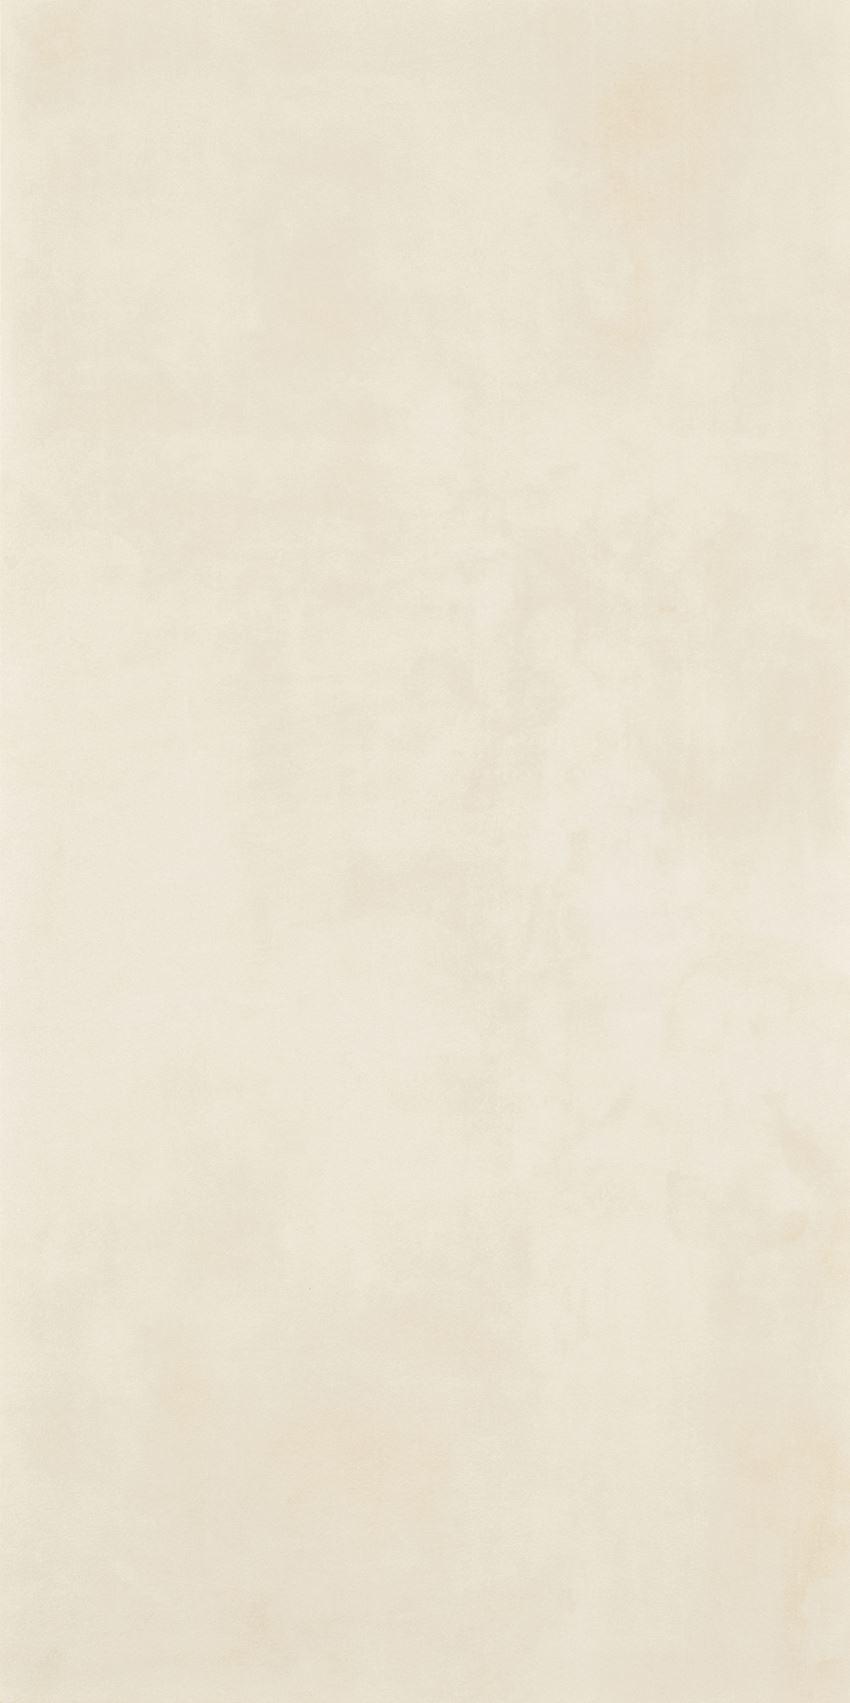 Płytka uniwersalna 44,8x89,8 cm Paradyż Tecniq Bianco Gres Szkl. Rekt. Półpoler